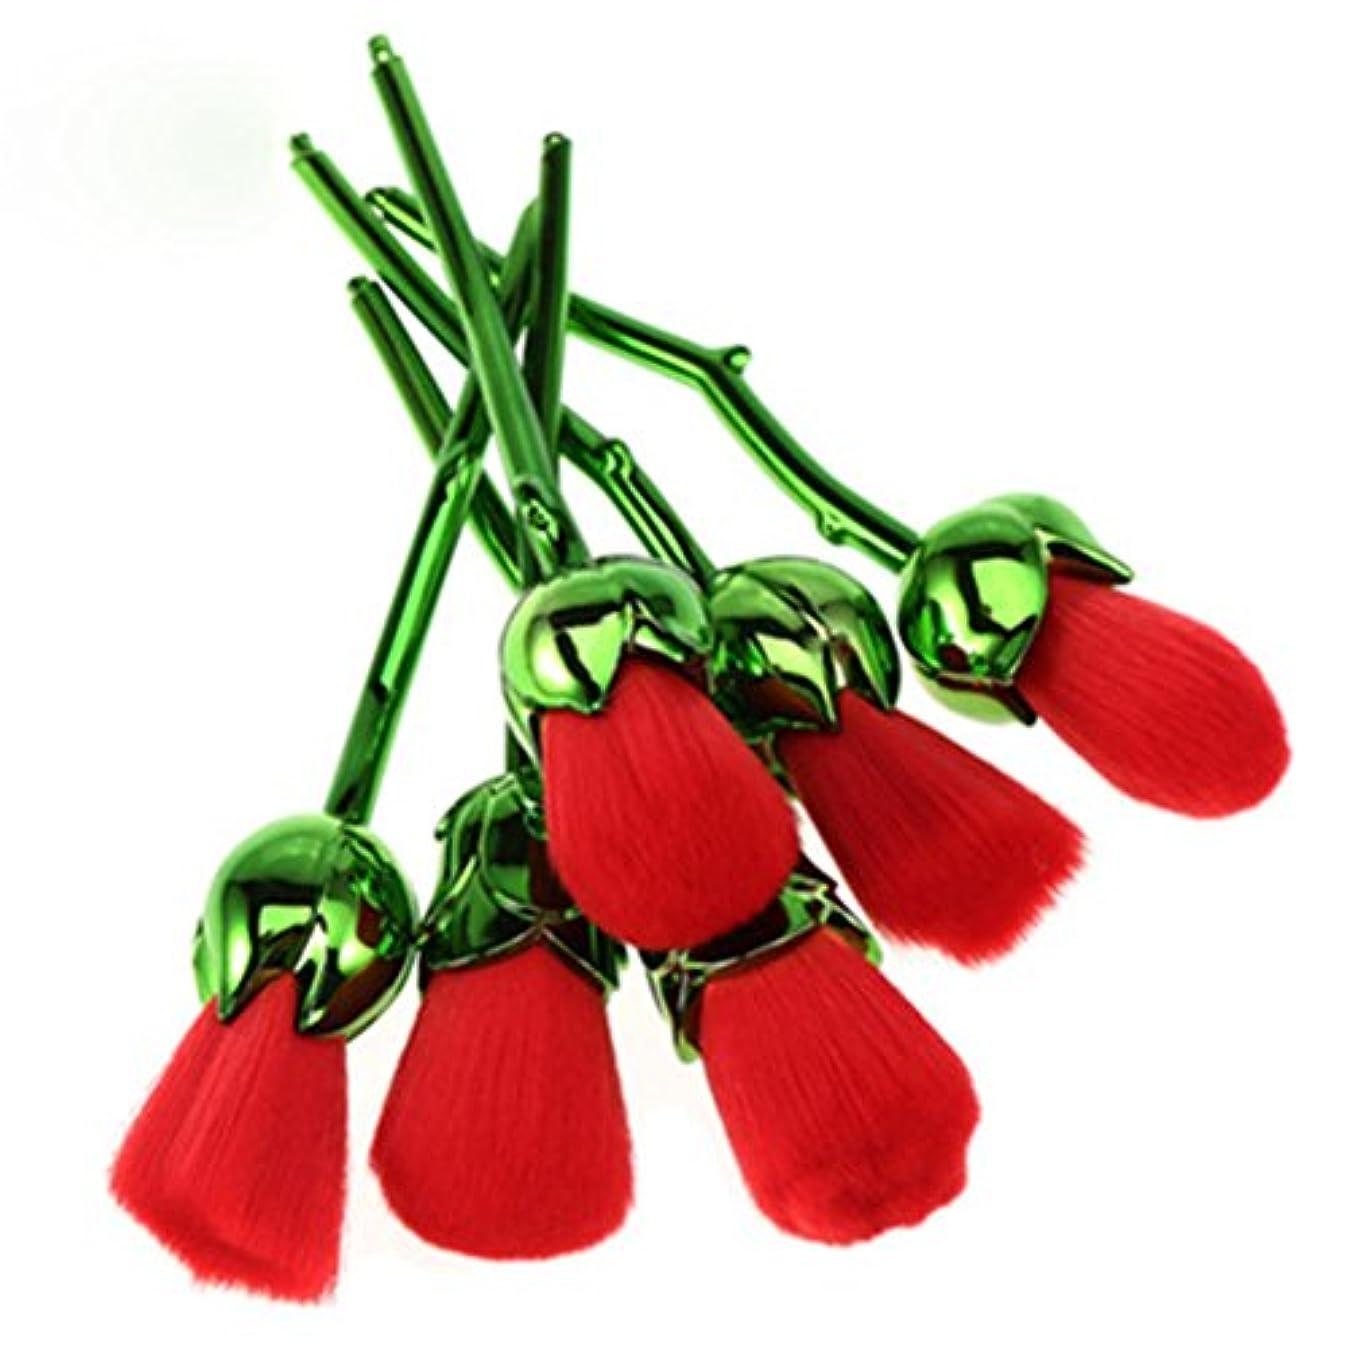 石の業界正直ディラビューティー(Dilla Beauty) メイクブラシ 薔薇 メイクブラシセット 人気 ファンデーションブラシ 化粧筆 可愛い 化粧ブラシ セット パウダーブラシ フェイスブラシ ローズ メイクブラシ 6本セット ケース付き (グリーン - レッド)